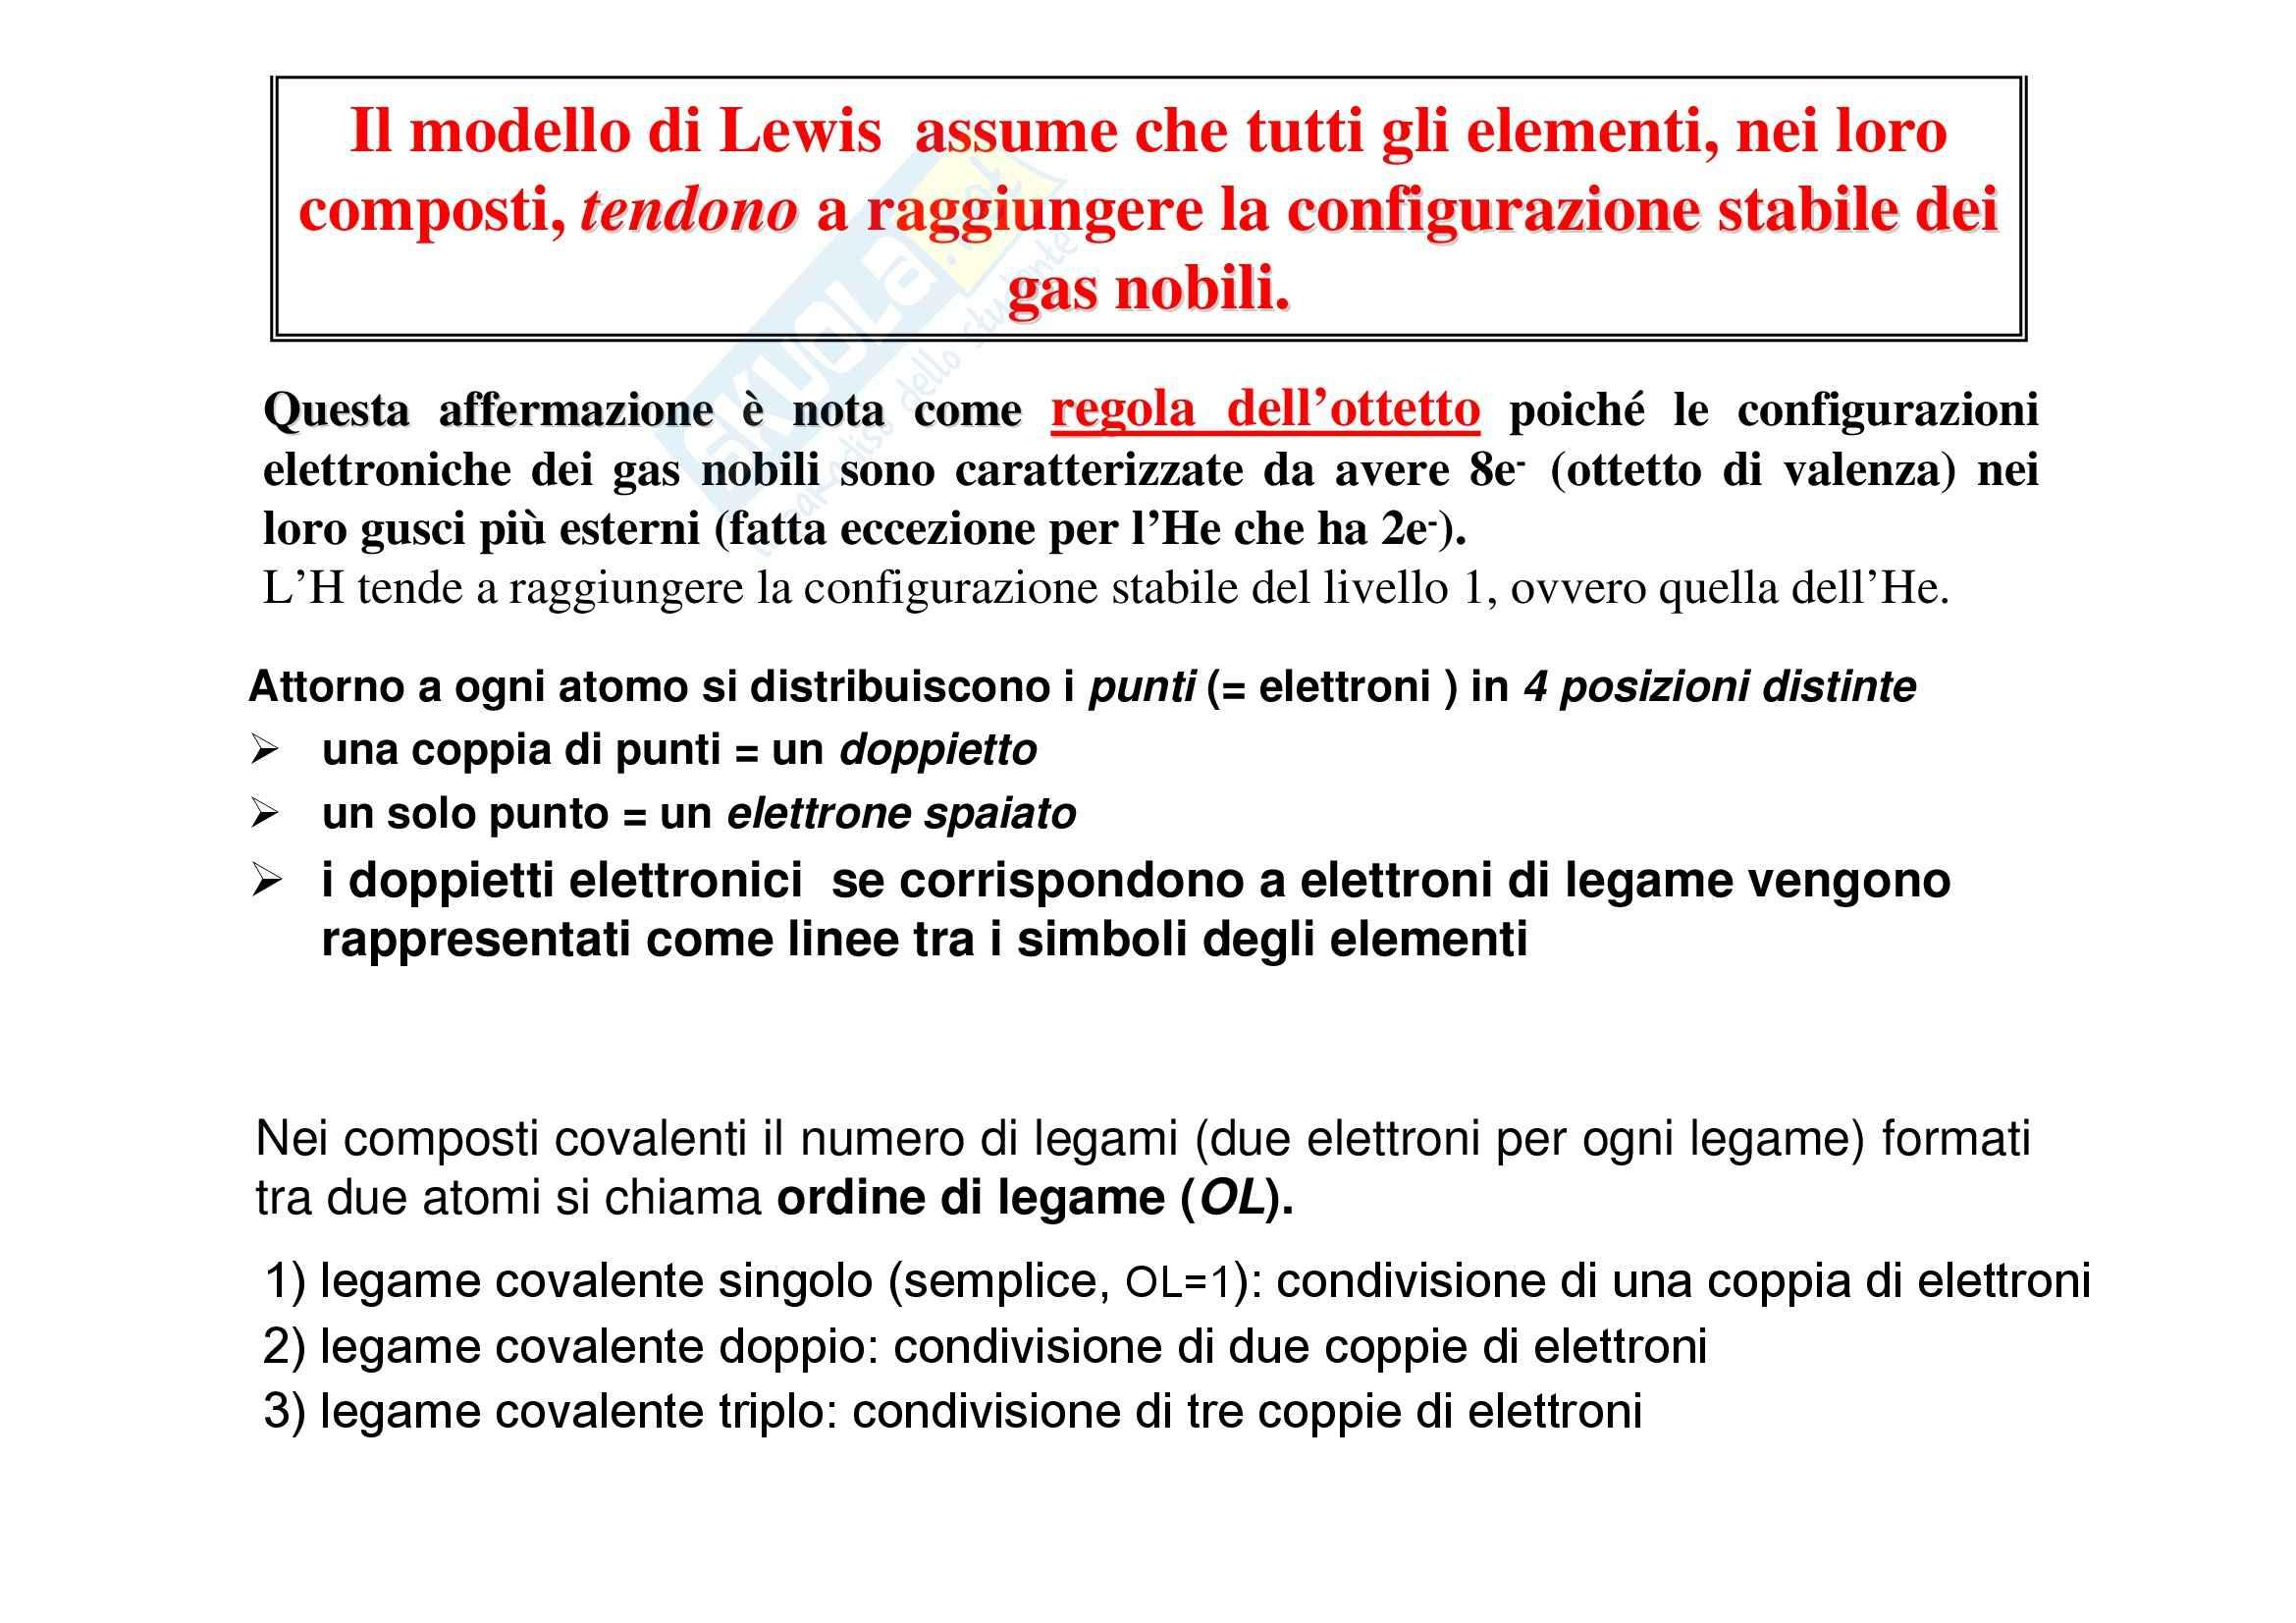 Chimica generale - le strutture di Lewis